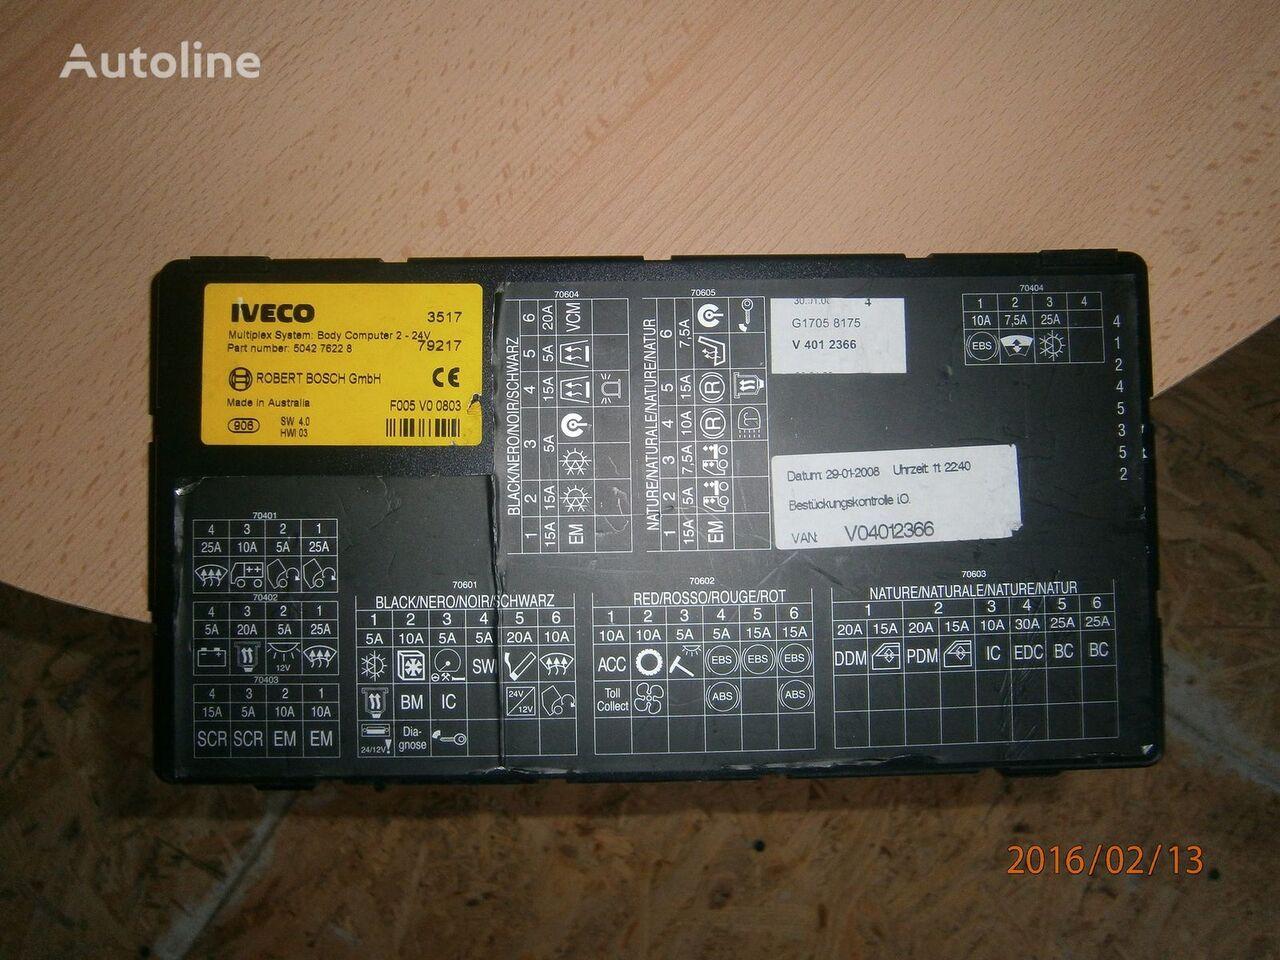 Iveco Stralis EURO5 Multiplex system body computer 504276228 Steuereinheit für IVECO Stralis Sattelzugmaschine